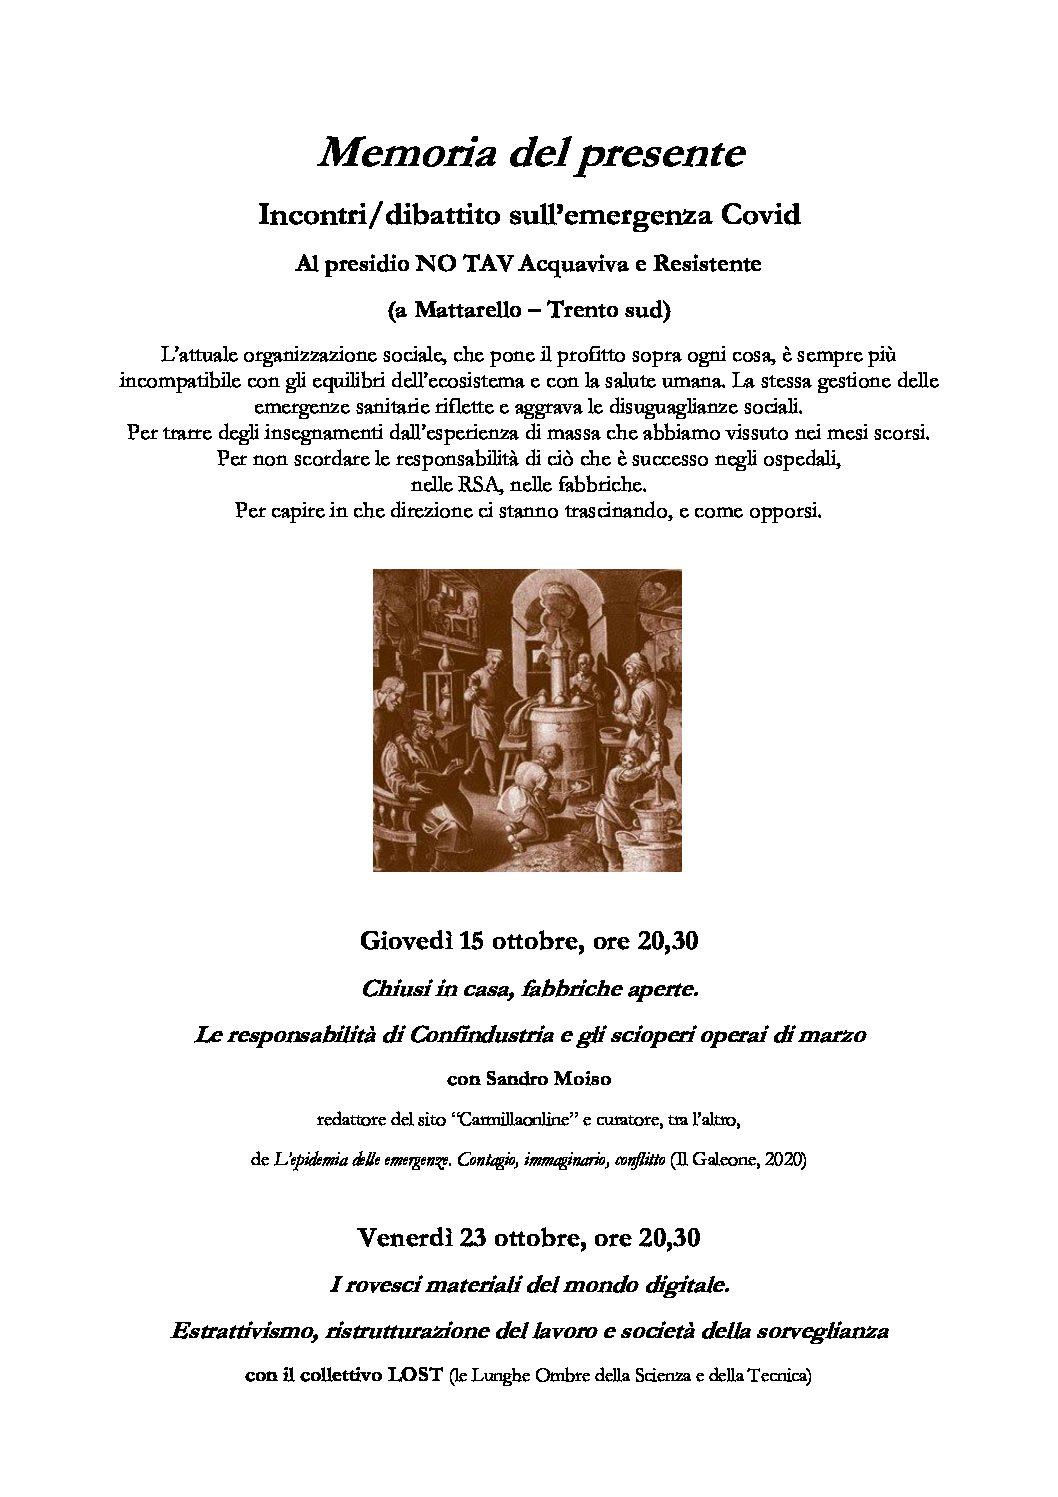 Trentino: Memoria del presente. Incontri/dibattito sull'emergenza Covid